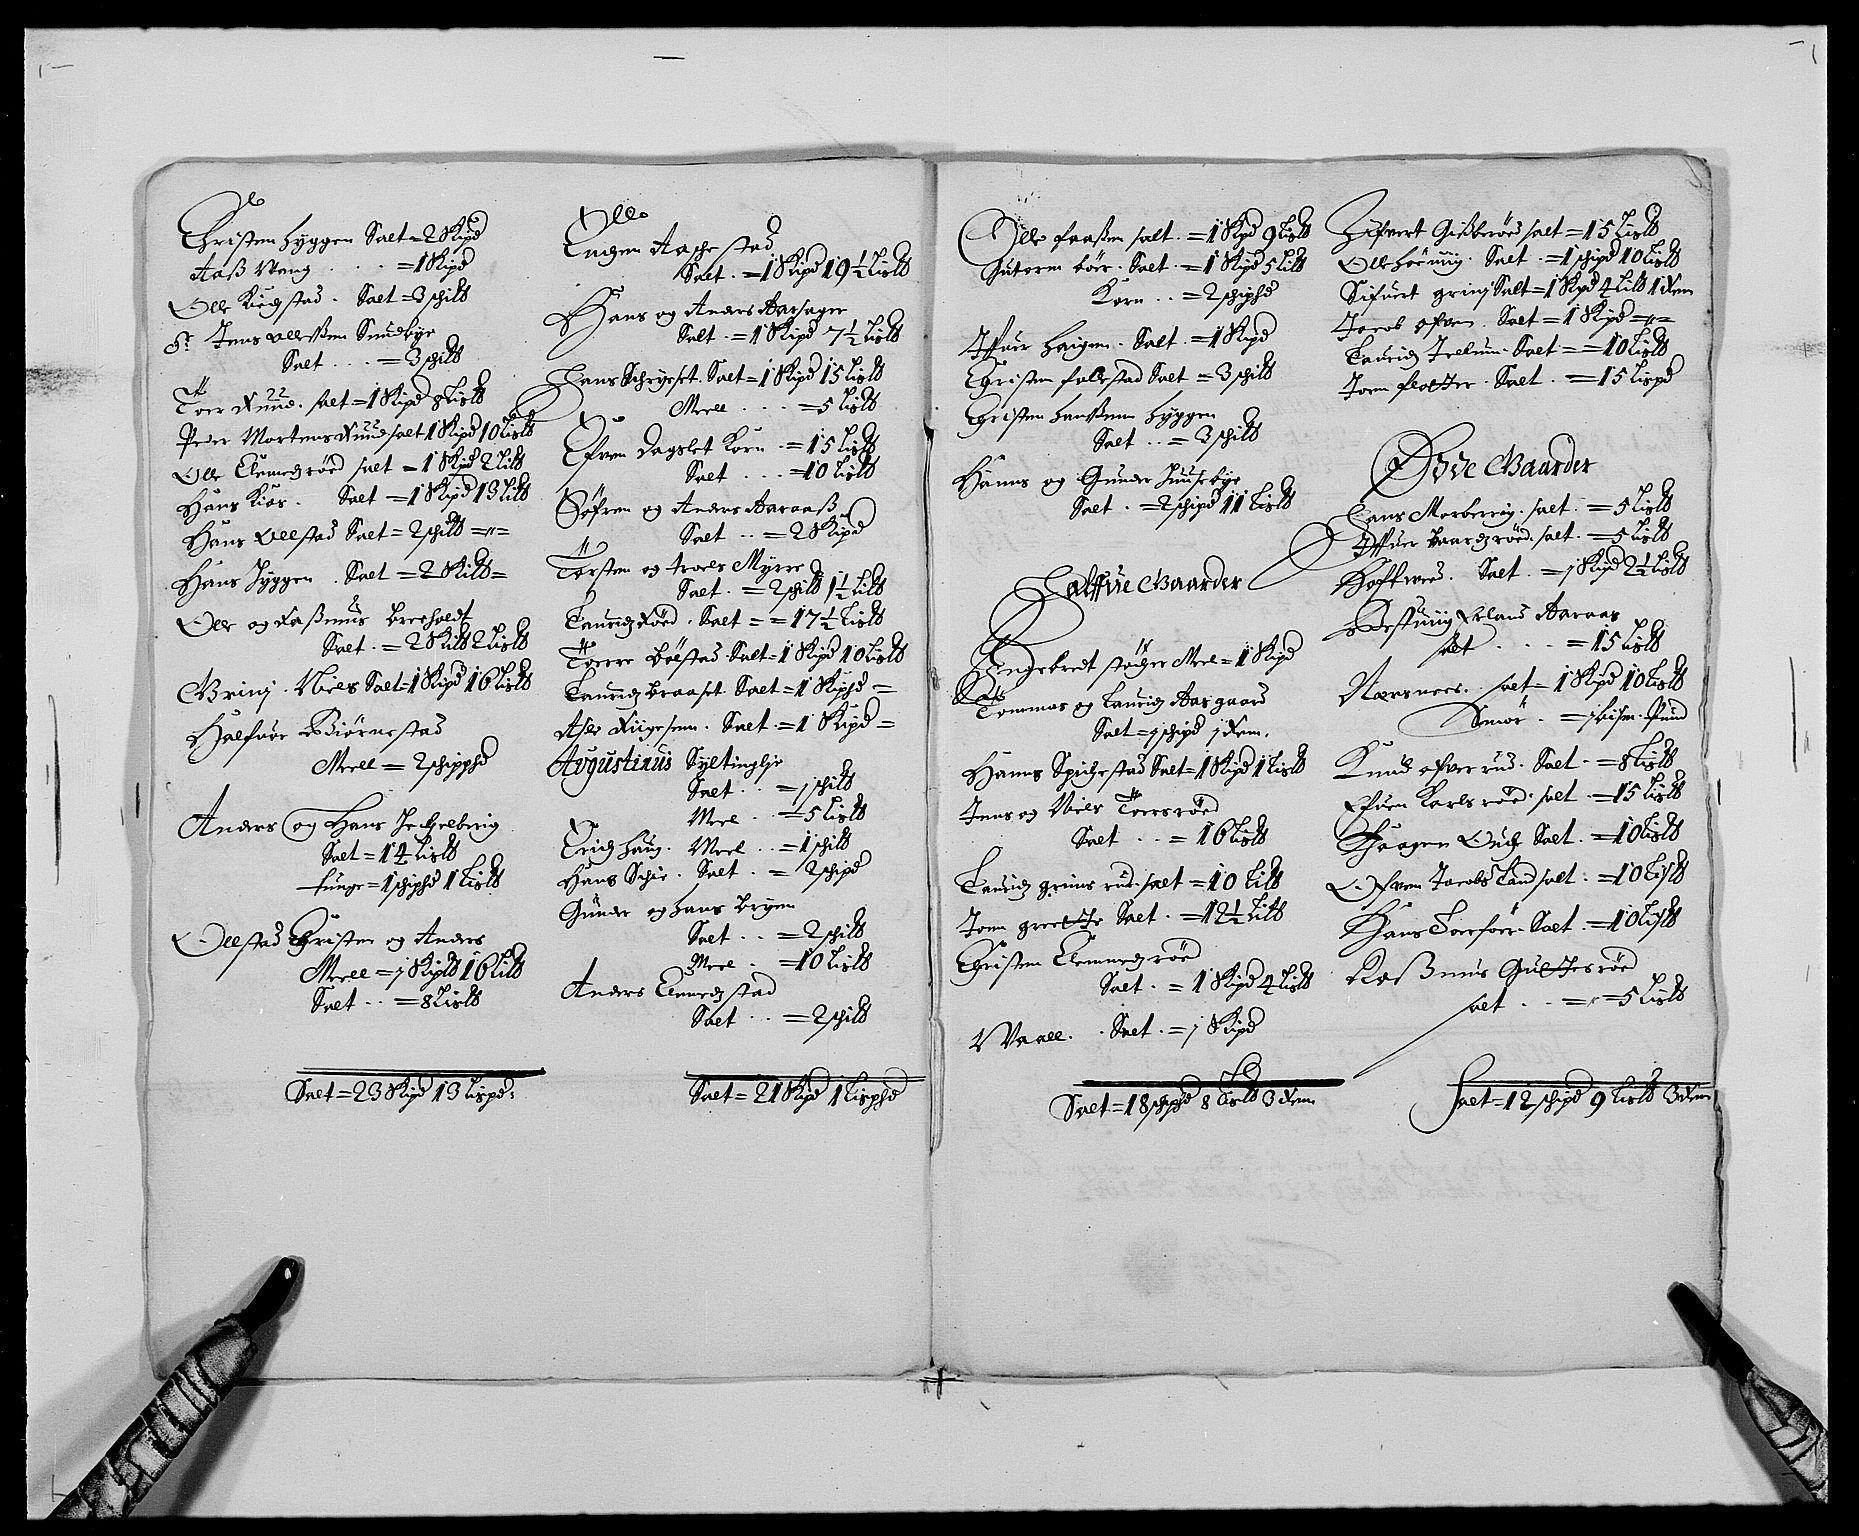 RA, Rentekammeret inntil 1814, Reviderte regnskaper, Fogderegnskap, R29/L1692: Fogderegnskap Hurum og Røyken, 1682-1687, s. 106